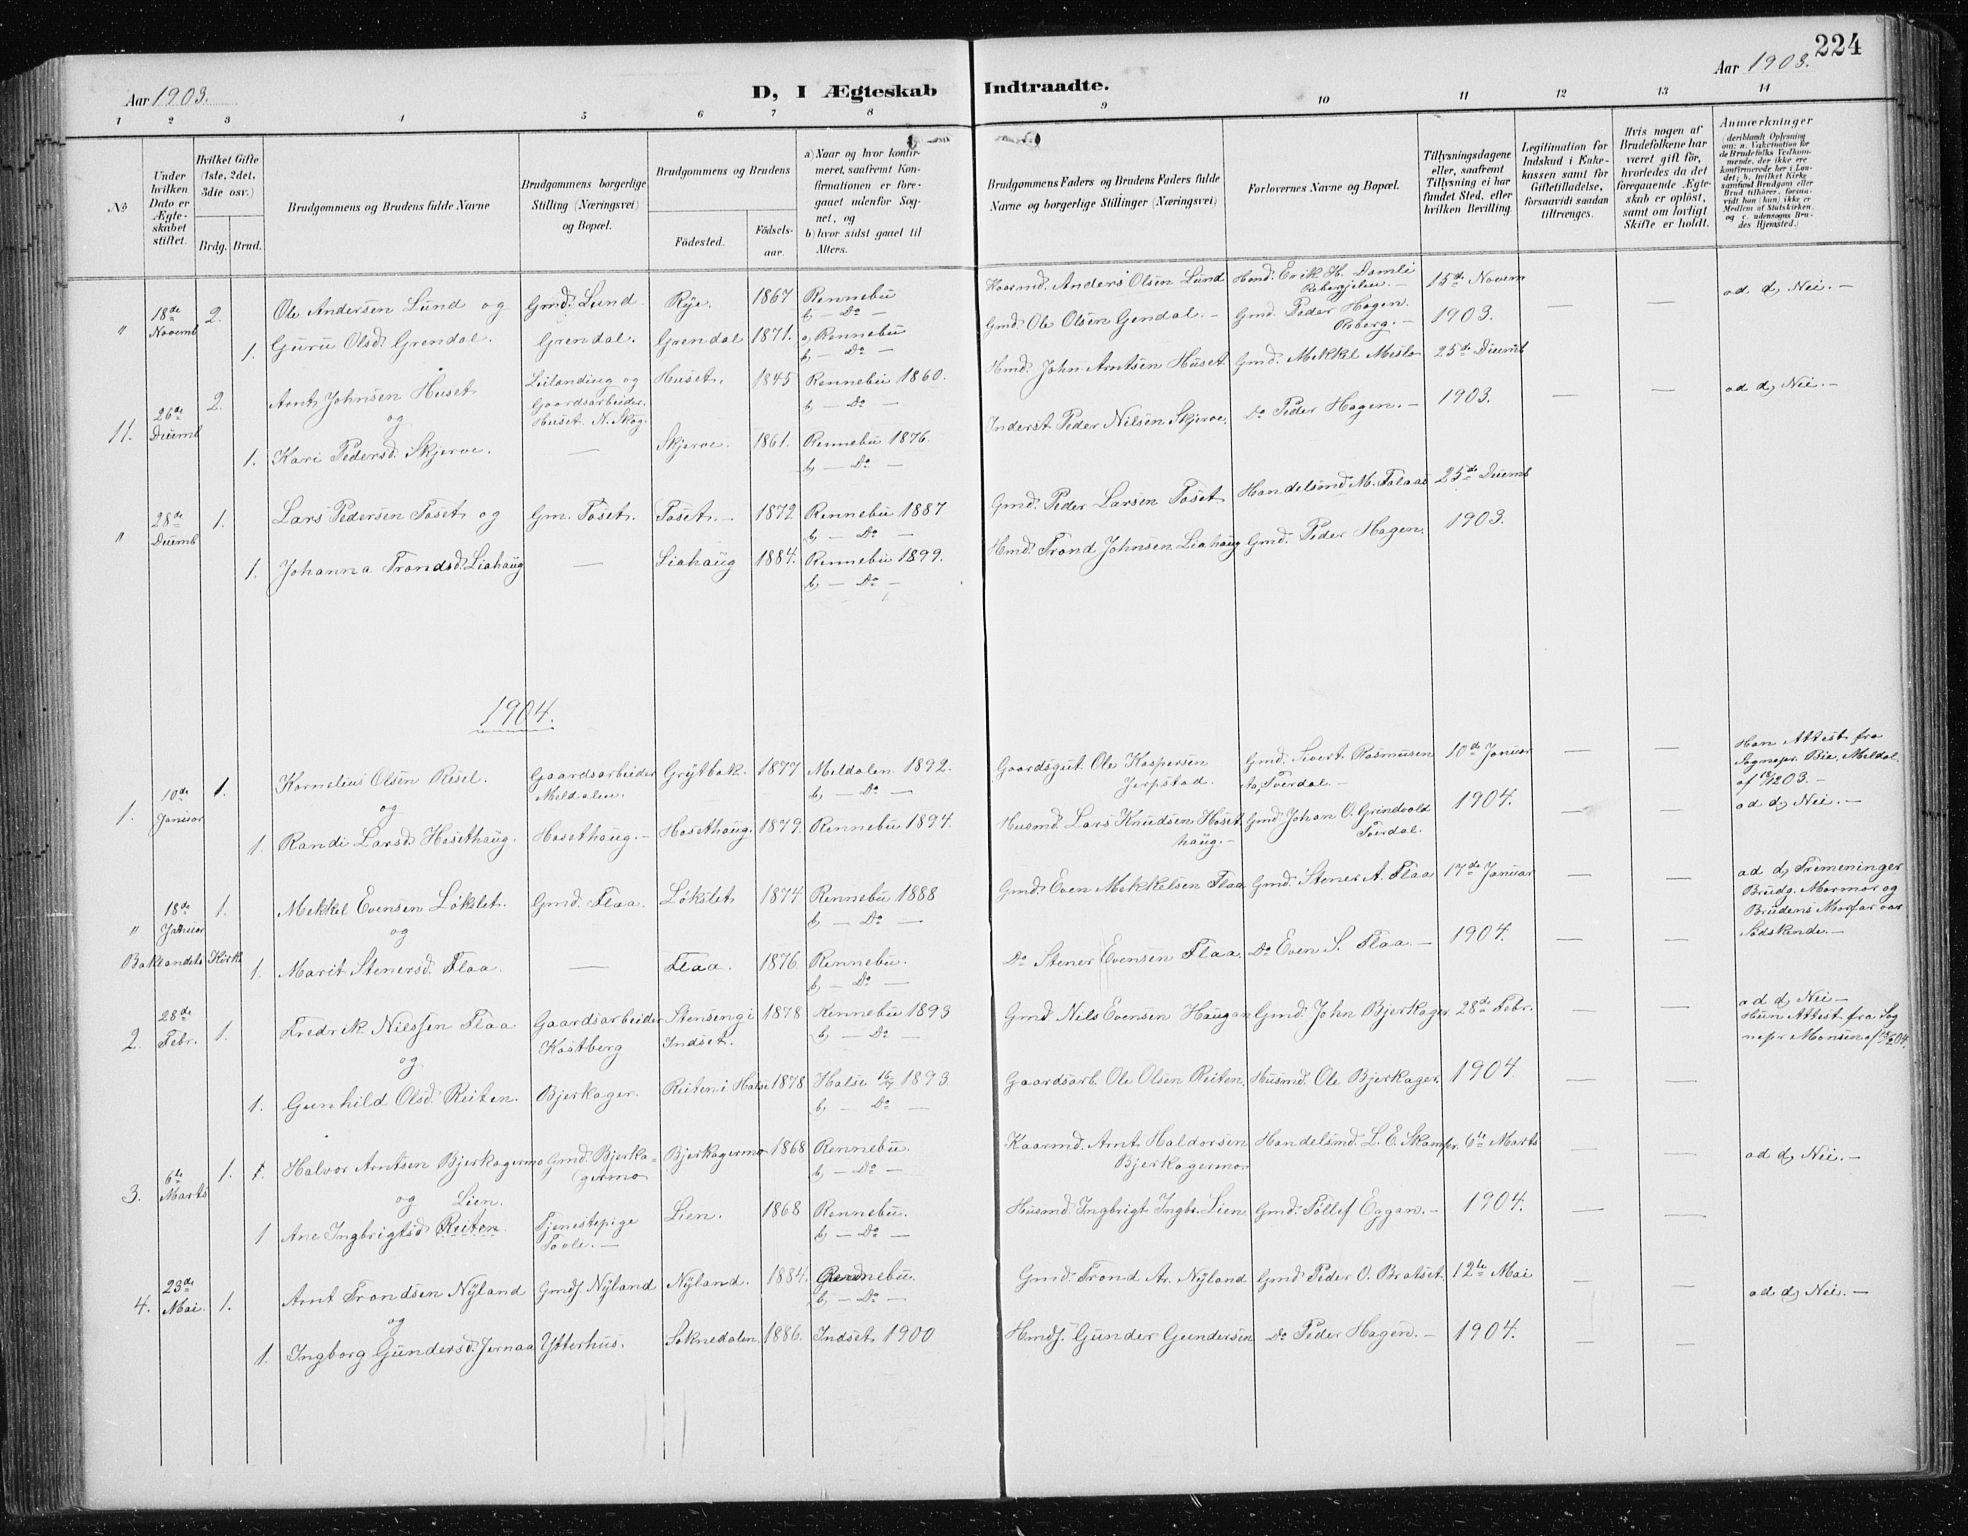 SAT, Ministerialprotokoller, klokkerbøker og fødselsregistre - Sør-Trøndelag, 674/L0876: Klokkerbok nr. 674C03, 1892-1912, s. 224